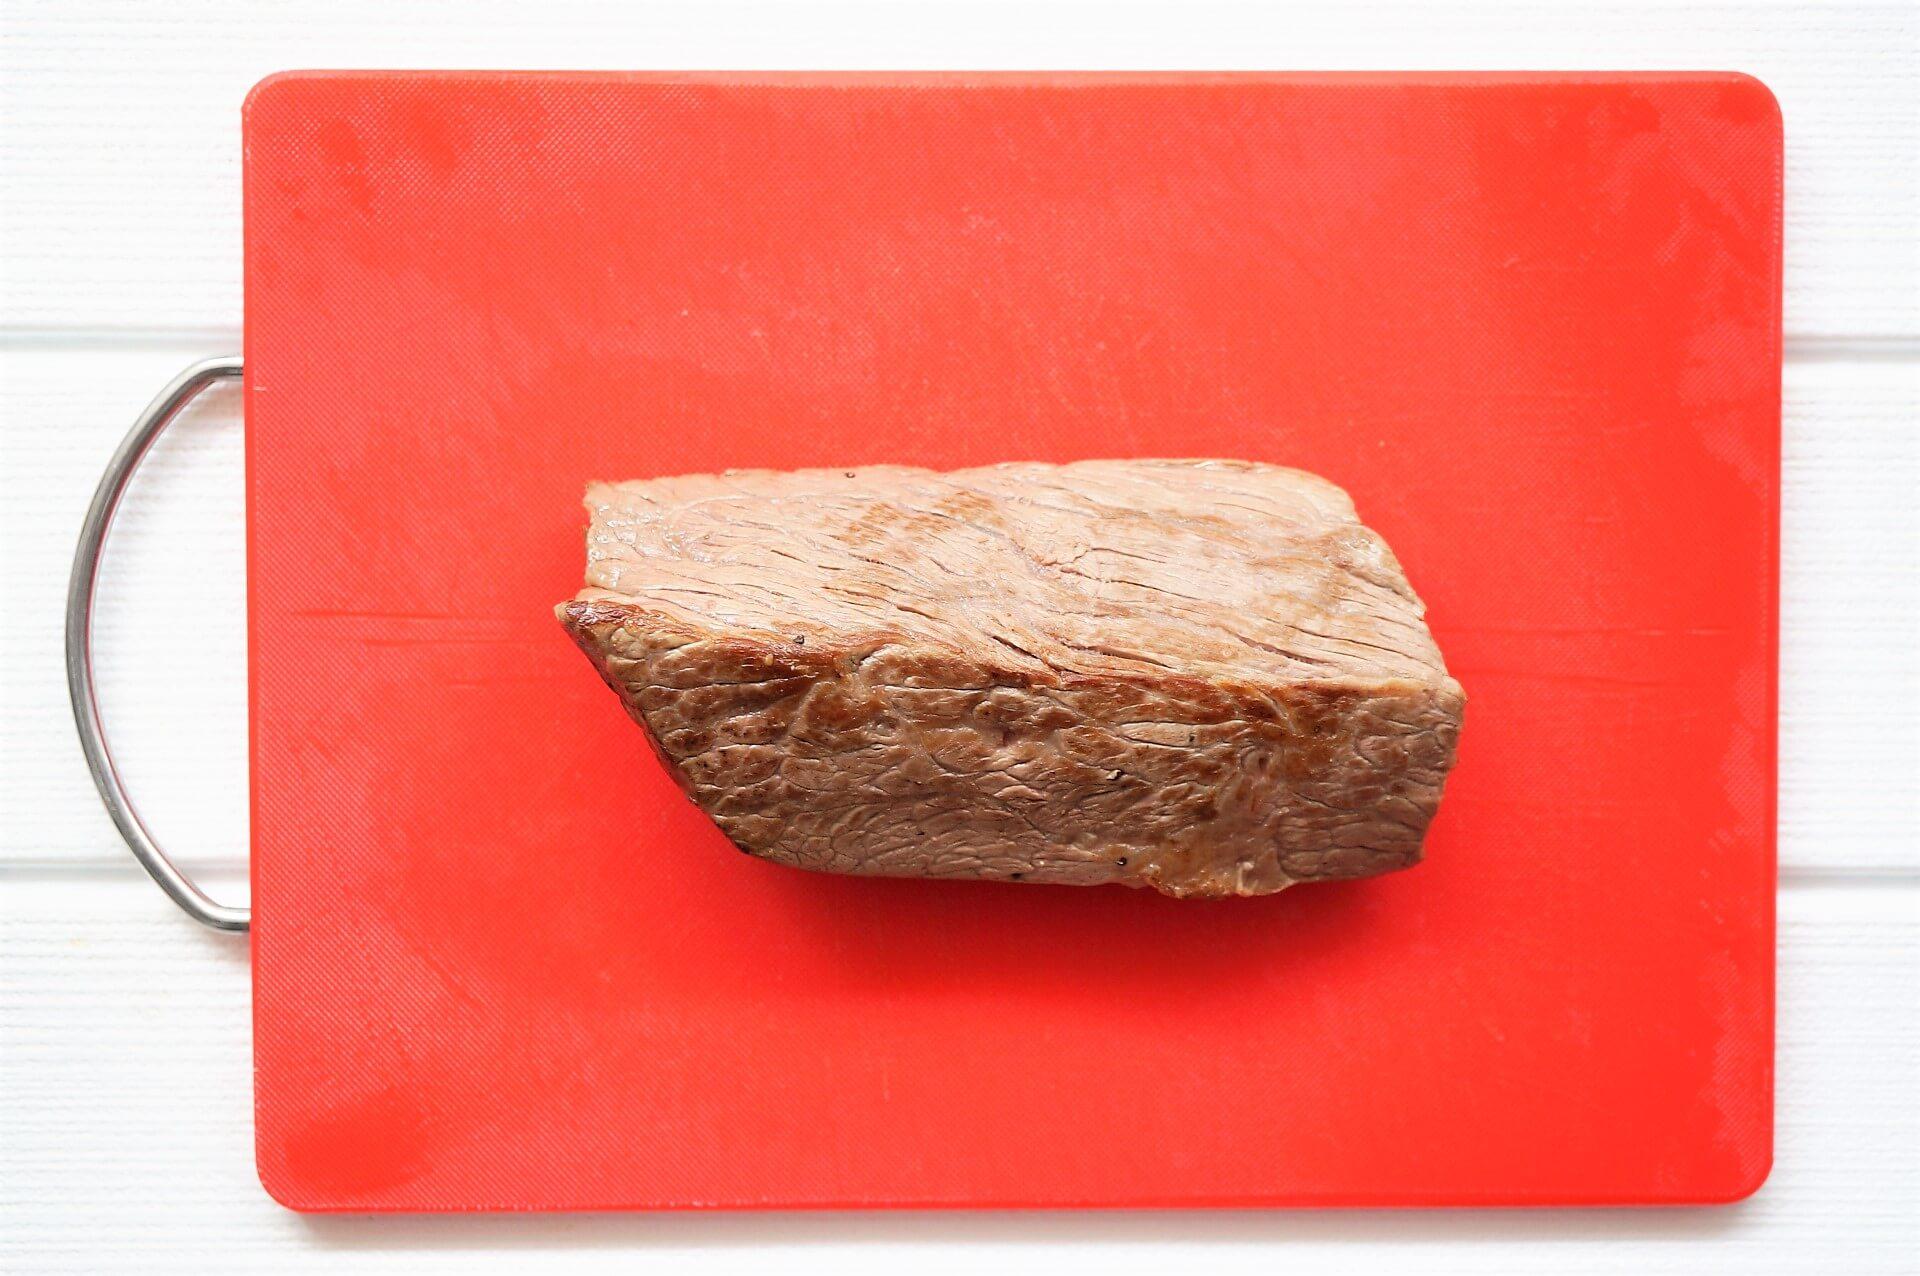 おすすめは肉寿司ローストビーフ一貫握り!ぐるめ亭で寿司と肉が食べられる!